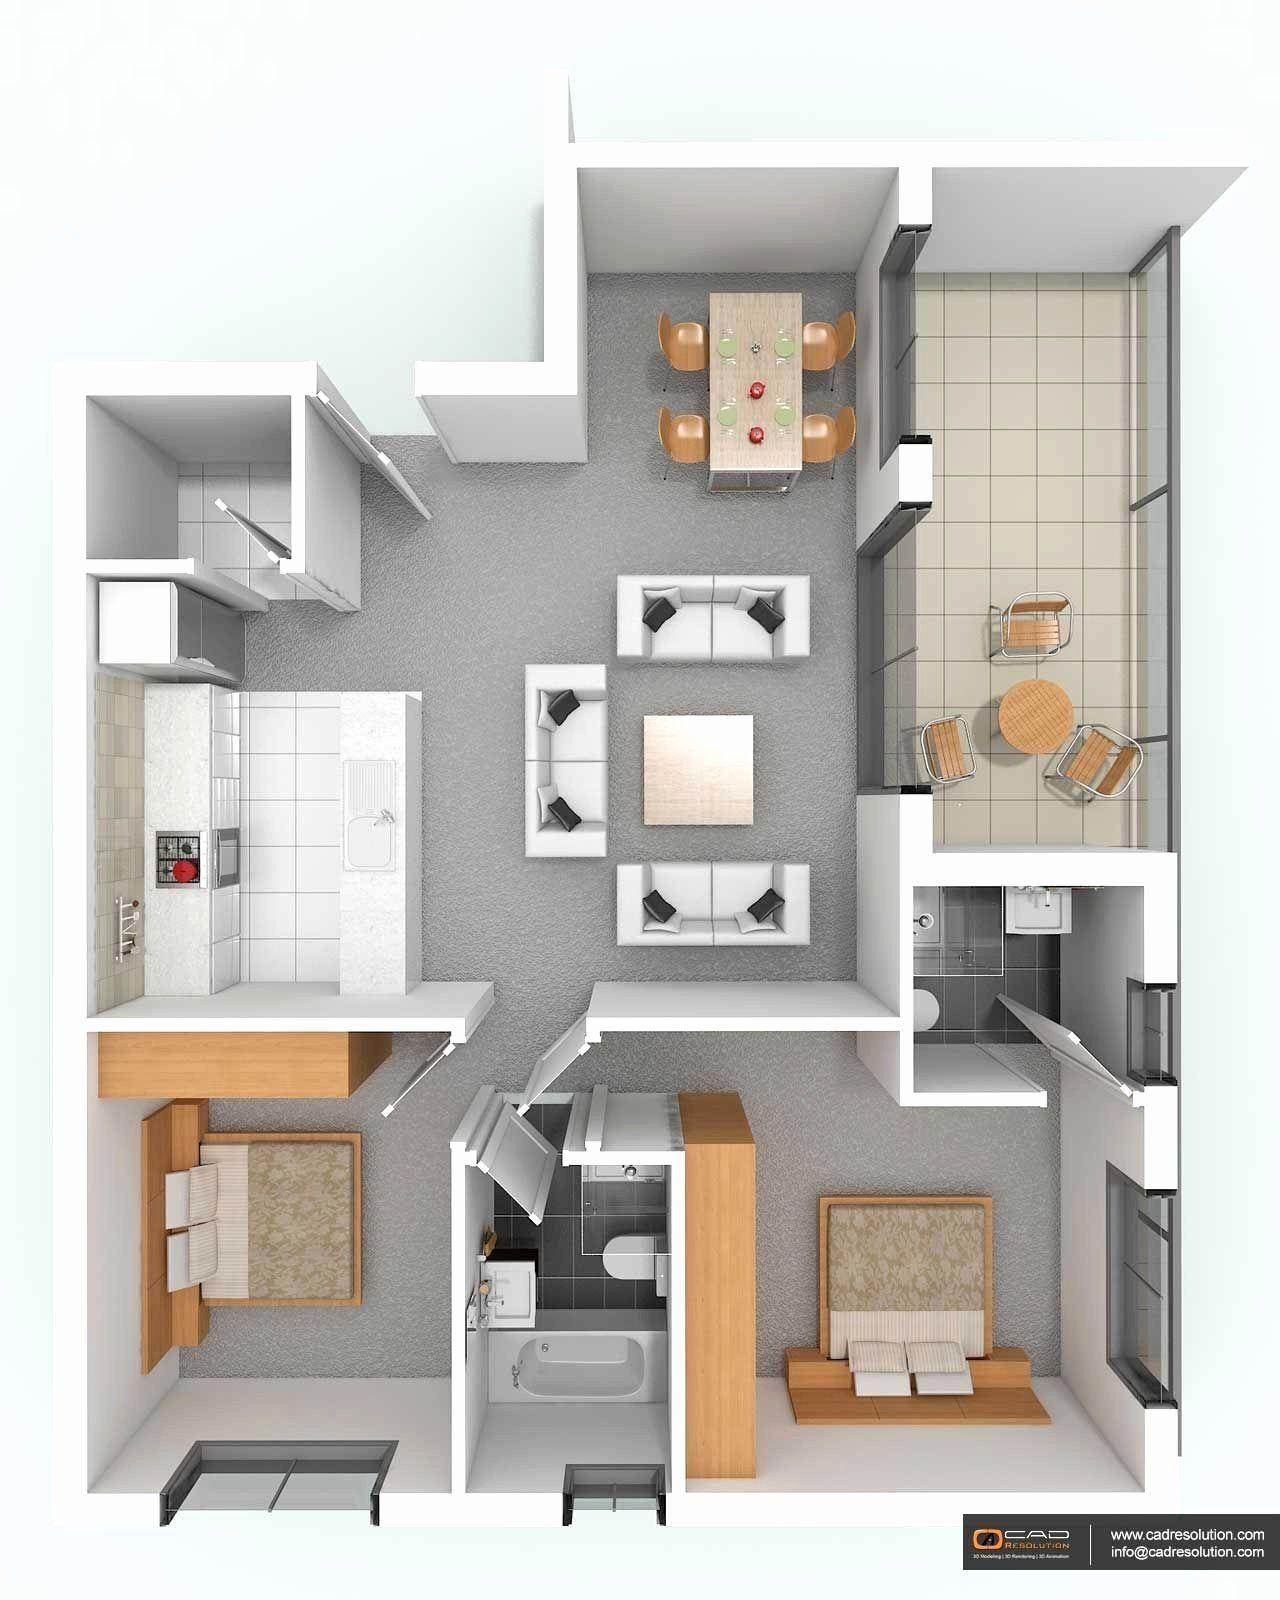 Home Design 3d Gold Plus Version Apk Beautiful Home Design 3d Gold App House Design Games Condo Floor Plans House Design